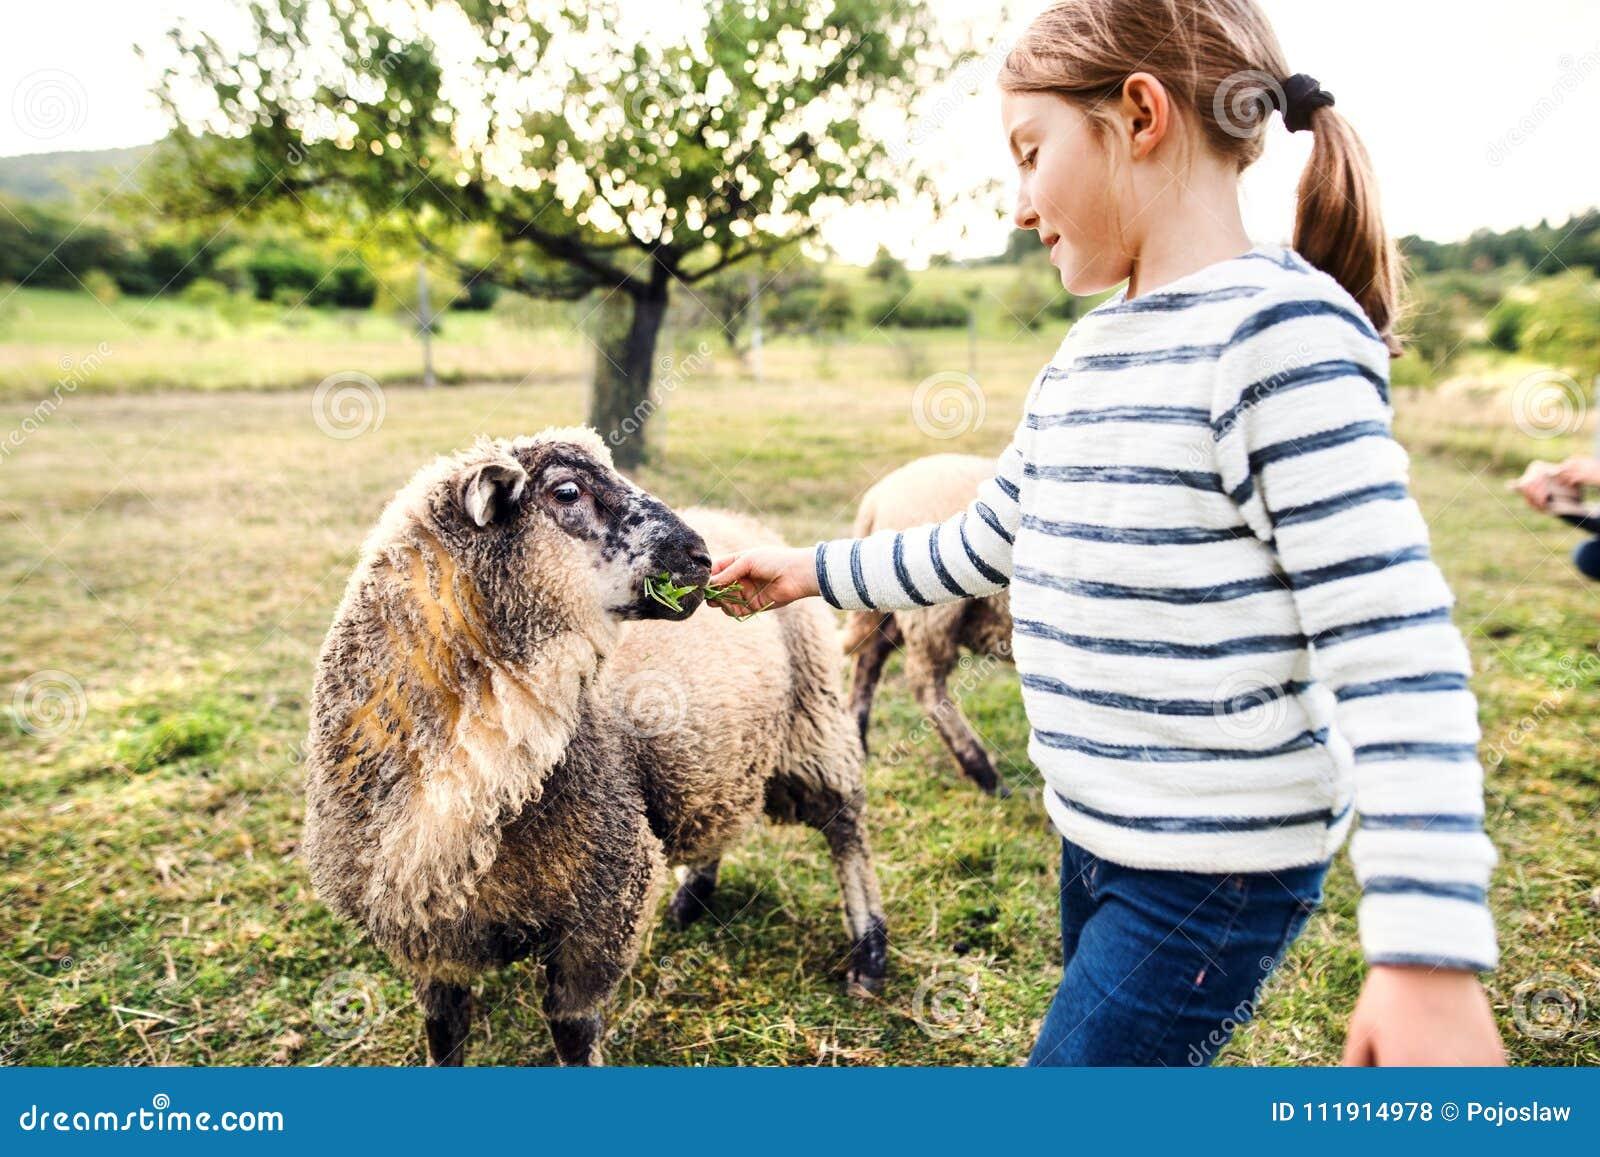 人和绵羊交配_在农场的一只小女孩哺养的绵羊